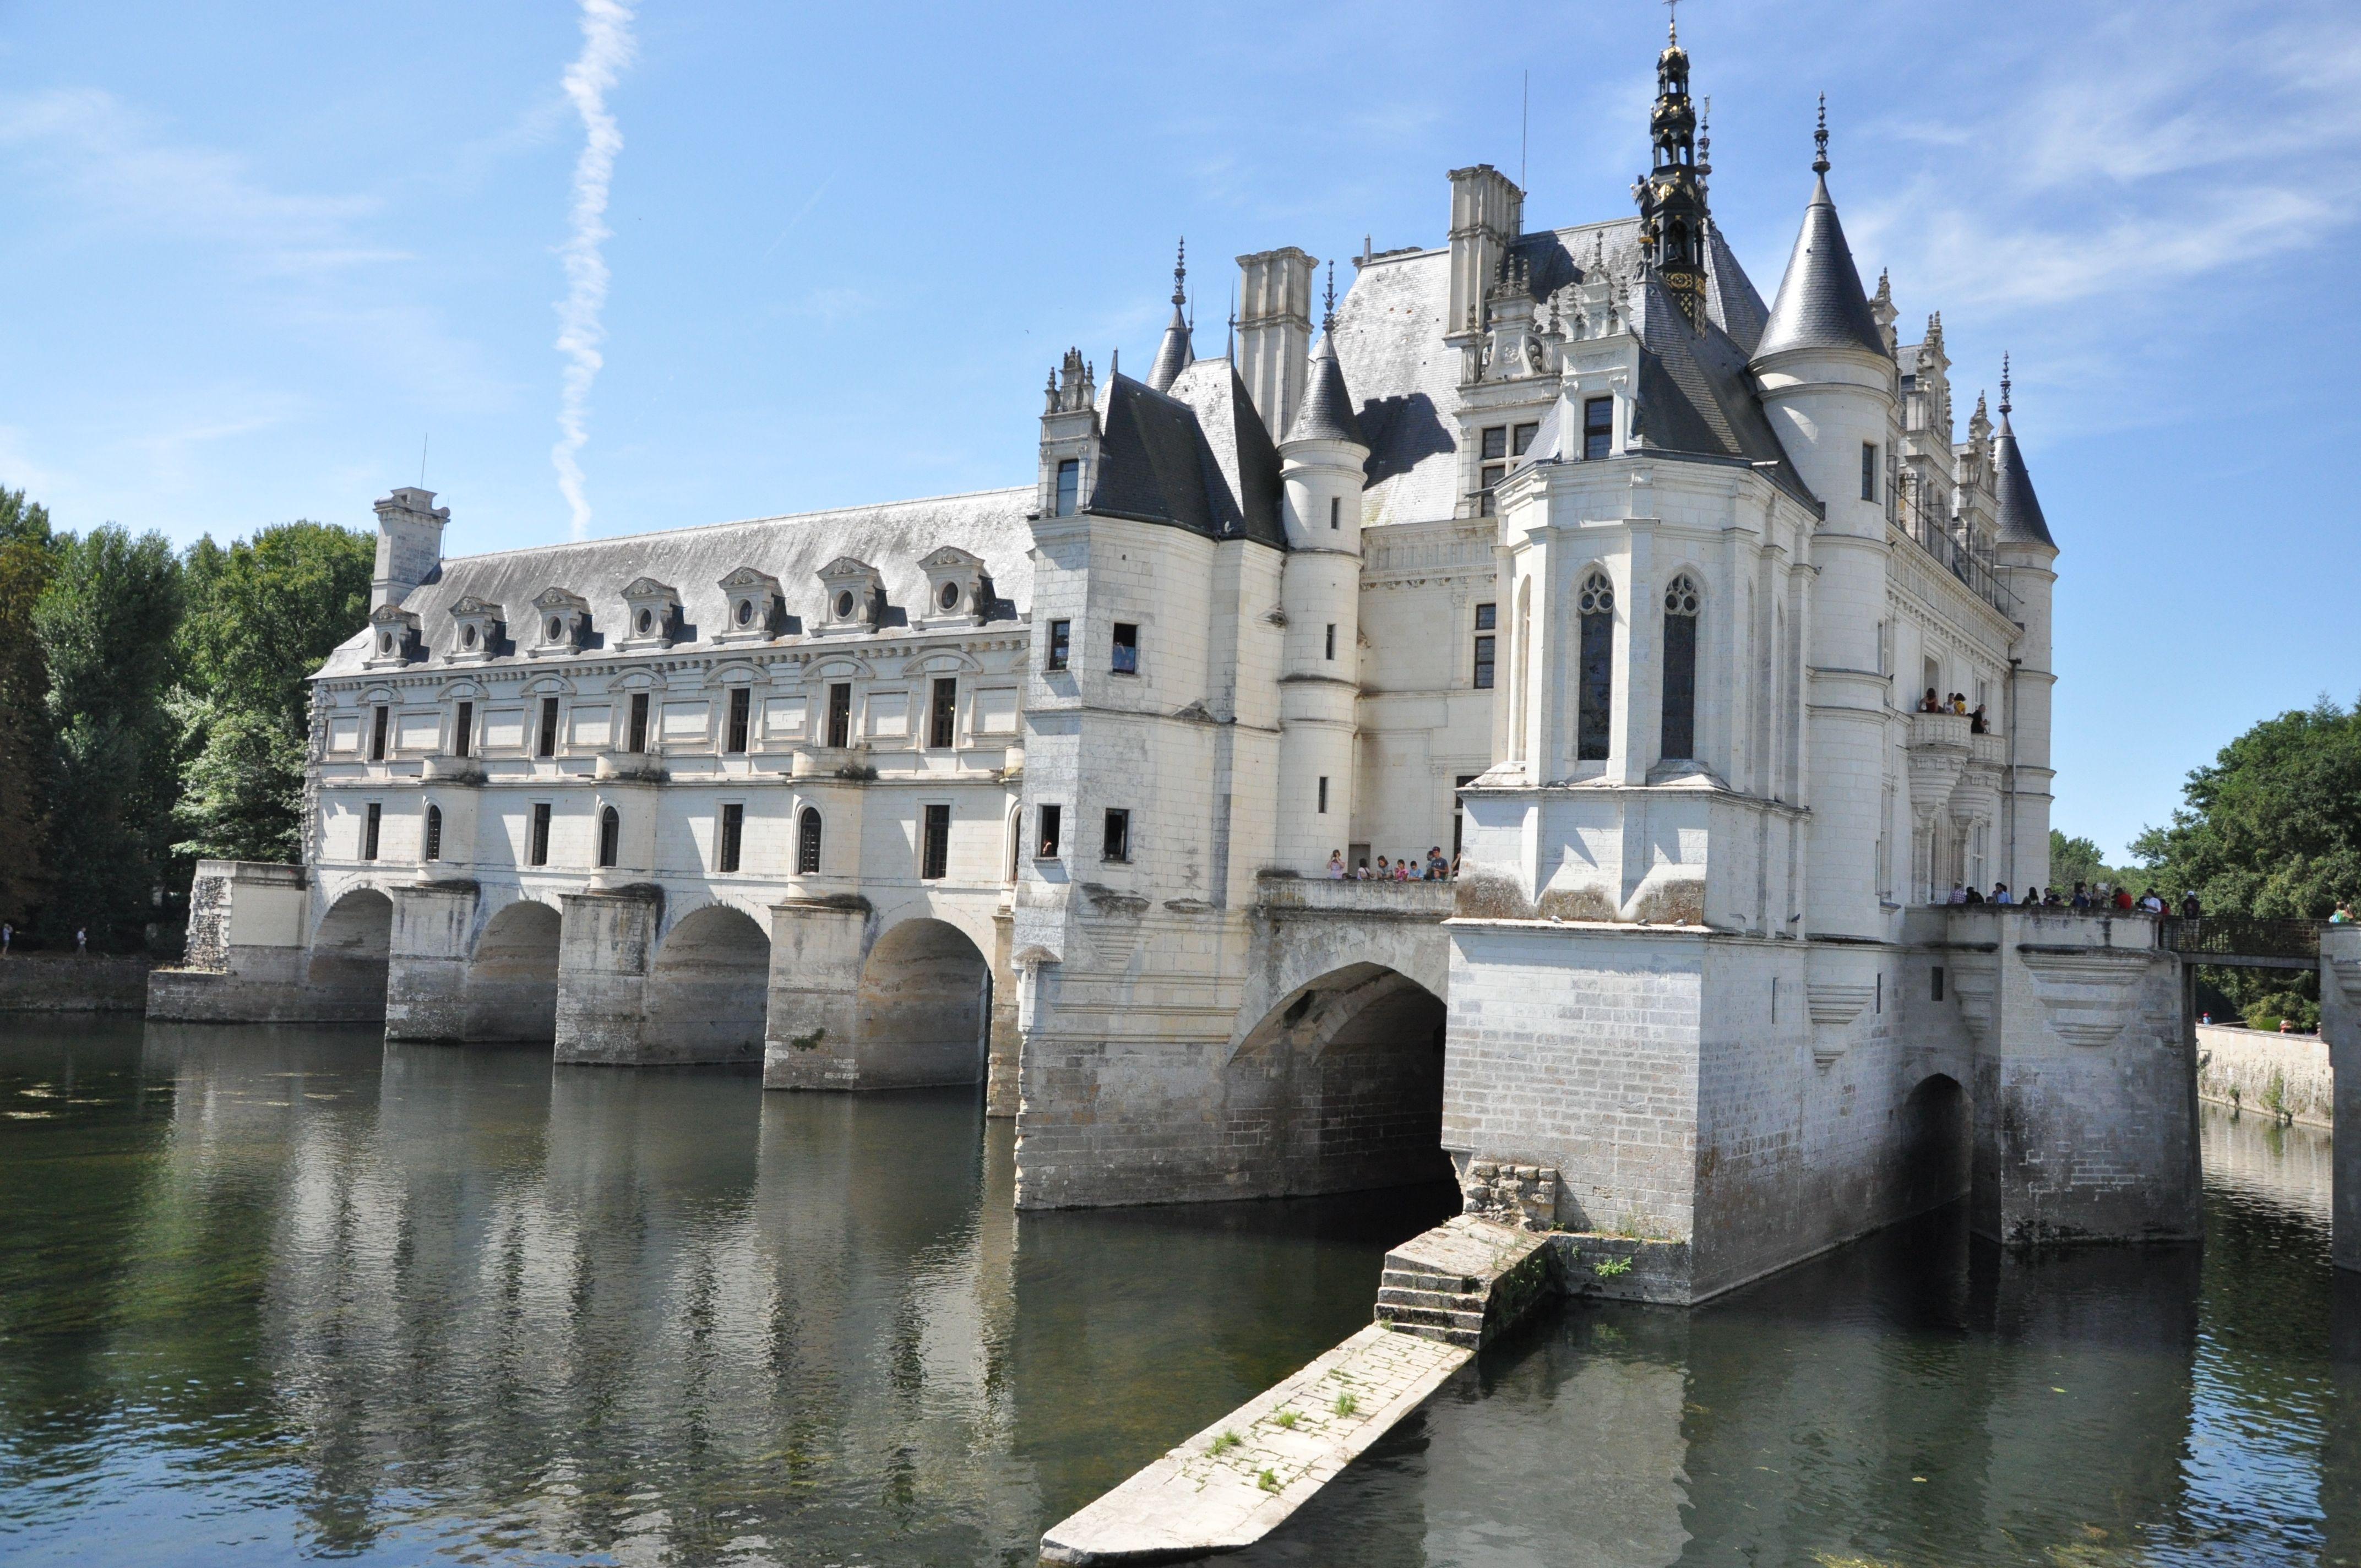 É tranquilo visitar os castelos do Vale do Loire de transporte público? -- Quero conhecer os castelos do vale do Loire em Maio, a idéia seria chegar em Tours à noite, e pela manhã conhecer uns 2 ou 3 castelos e depois ir para Paris. Daria para conhecer os castelos Chenonceau, Amboise e Villandry de ônibus ou transporte público, sendo que só entraria em 1 castelo?